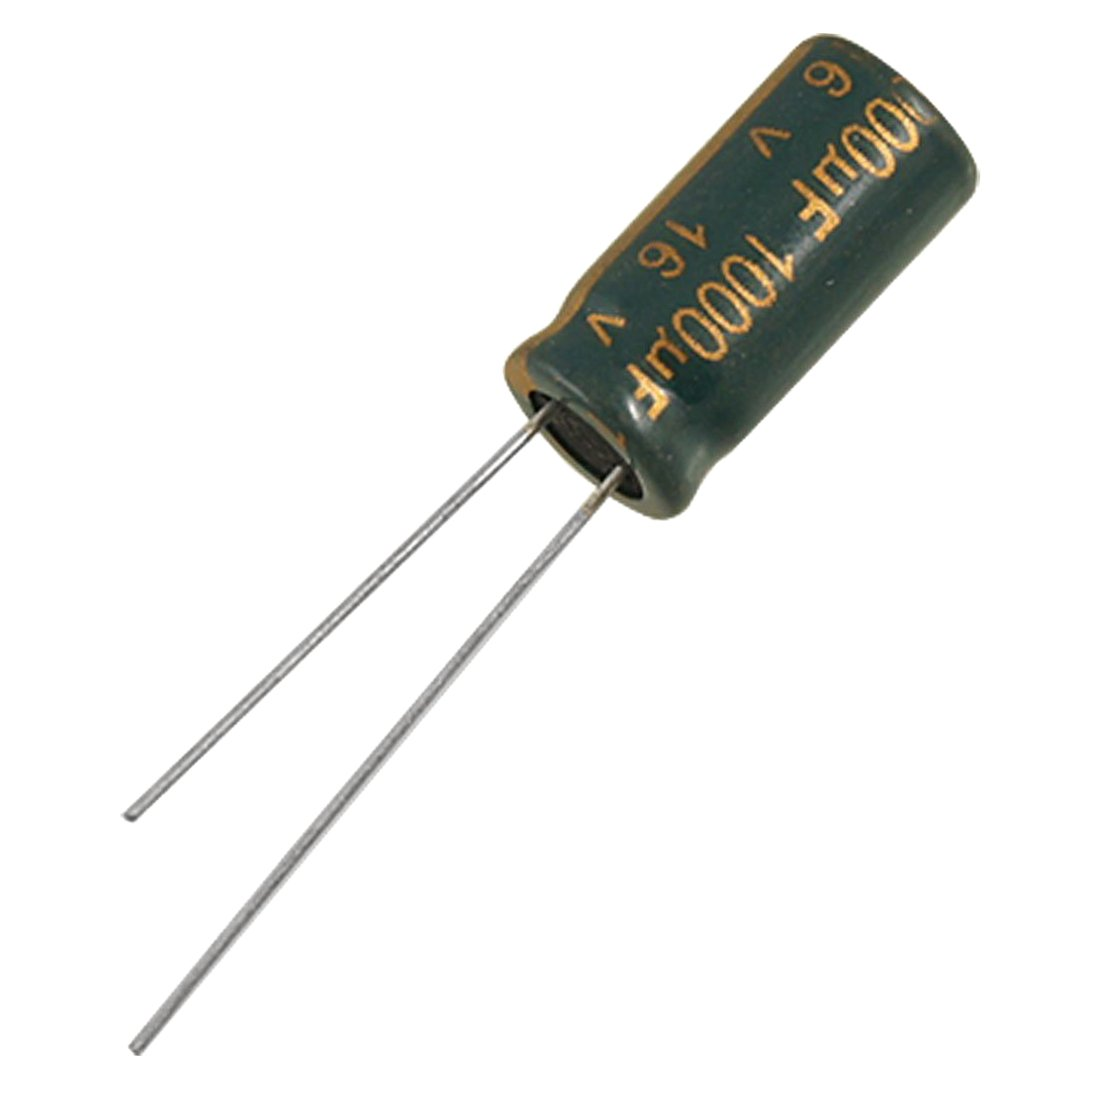 SODIAL R Condensador electrolitico 10 piezas condensadores electroliticos de aluminio de plomo polarizado de 1000uF 16V